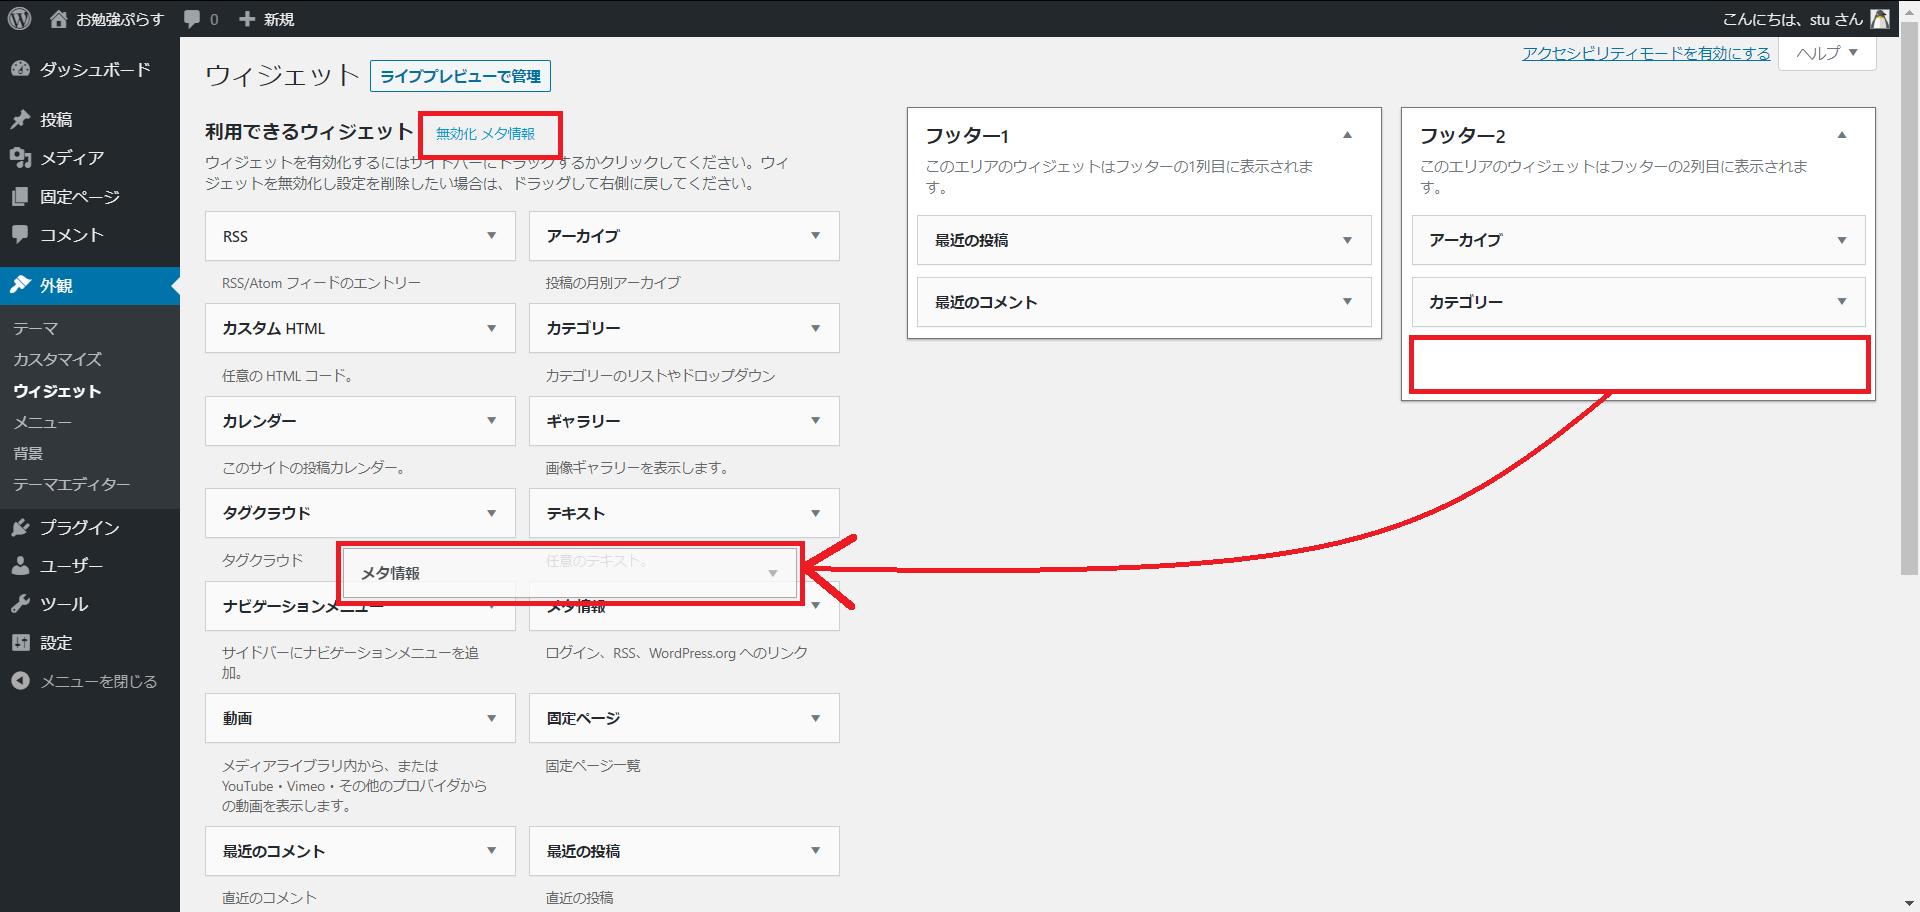 メタ情報を表示させないために、「メタ情報」と表示されている部分を画面左側にドラッグする(スライドさせて持っていく)